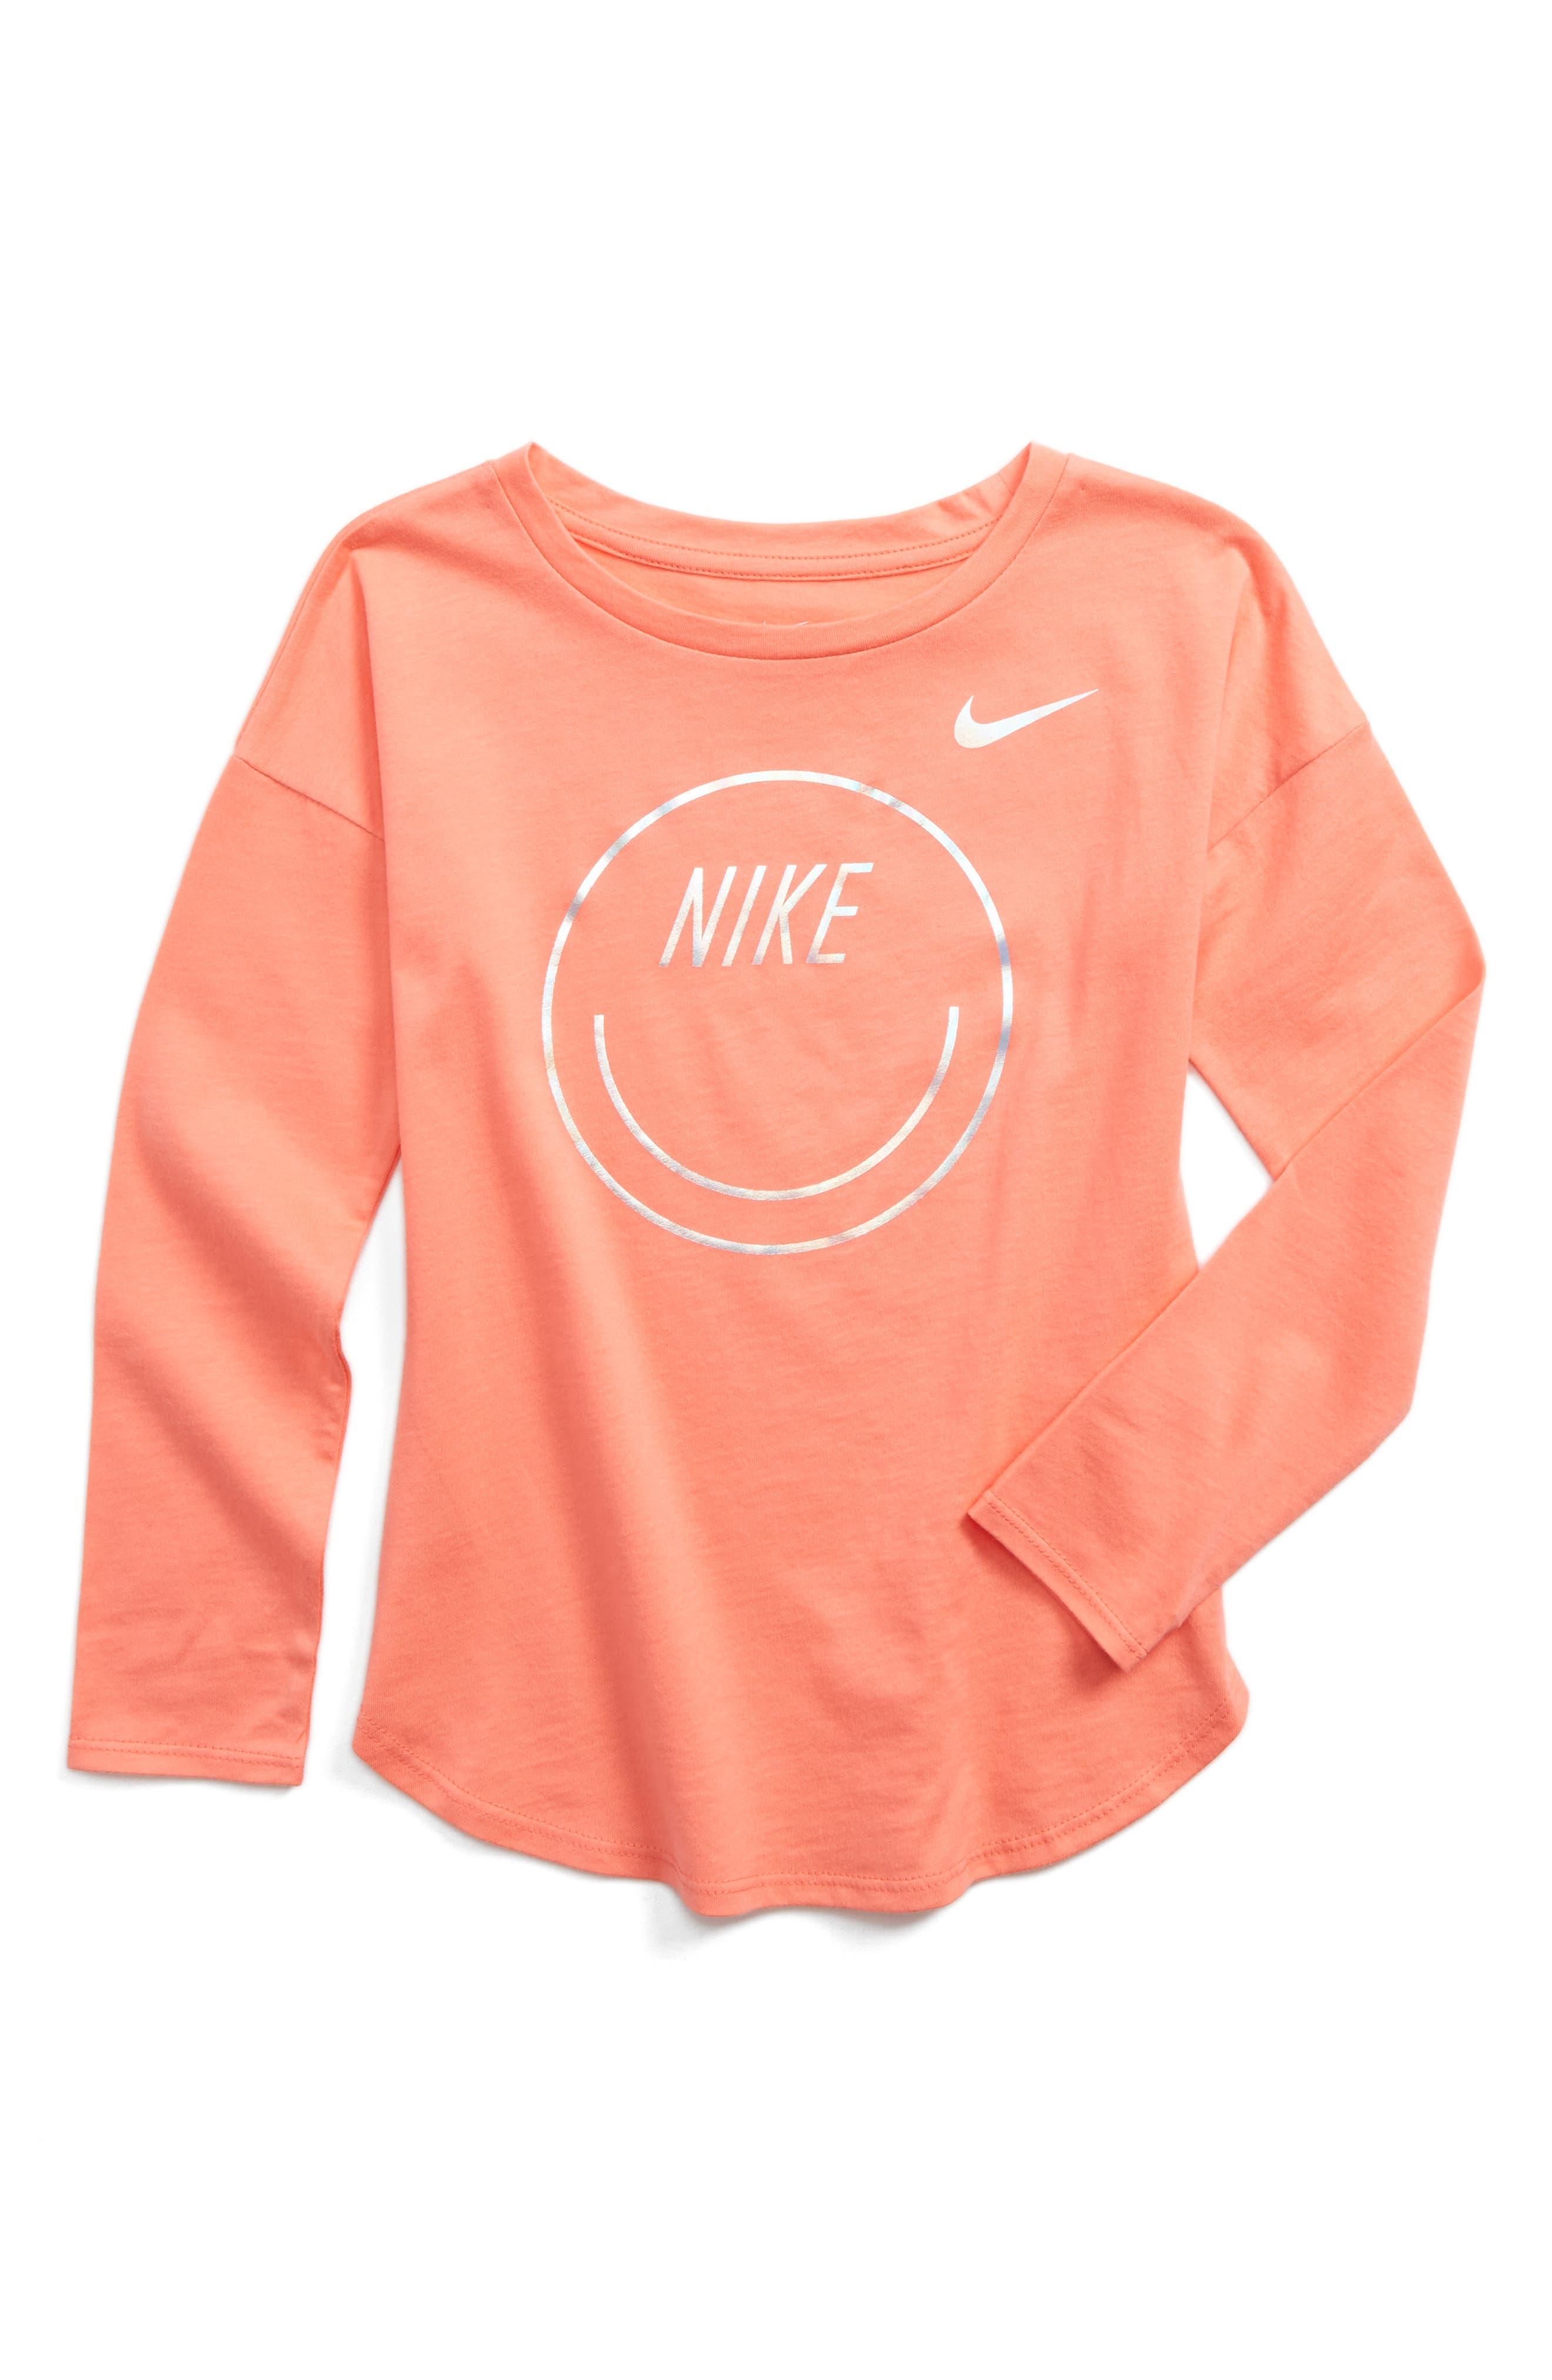 Nike Smiley Modern Tee (Toddler Girls & Little Girls)